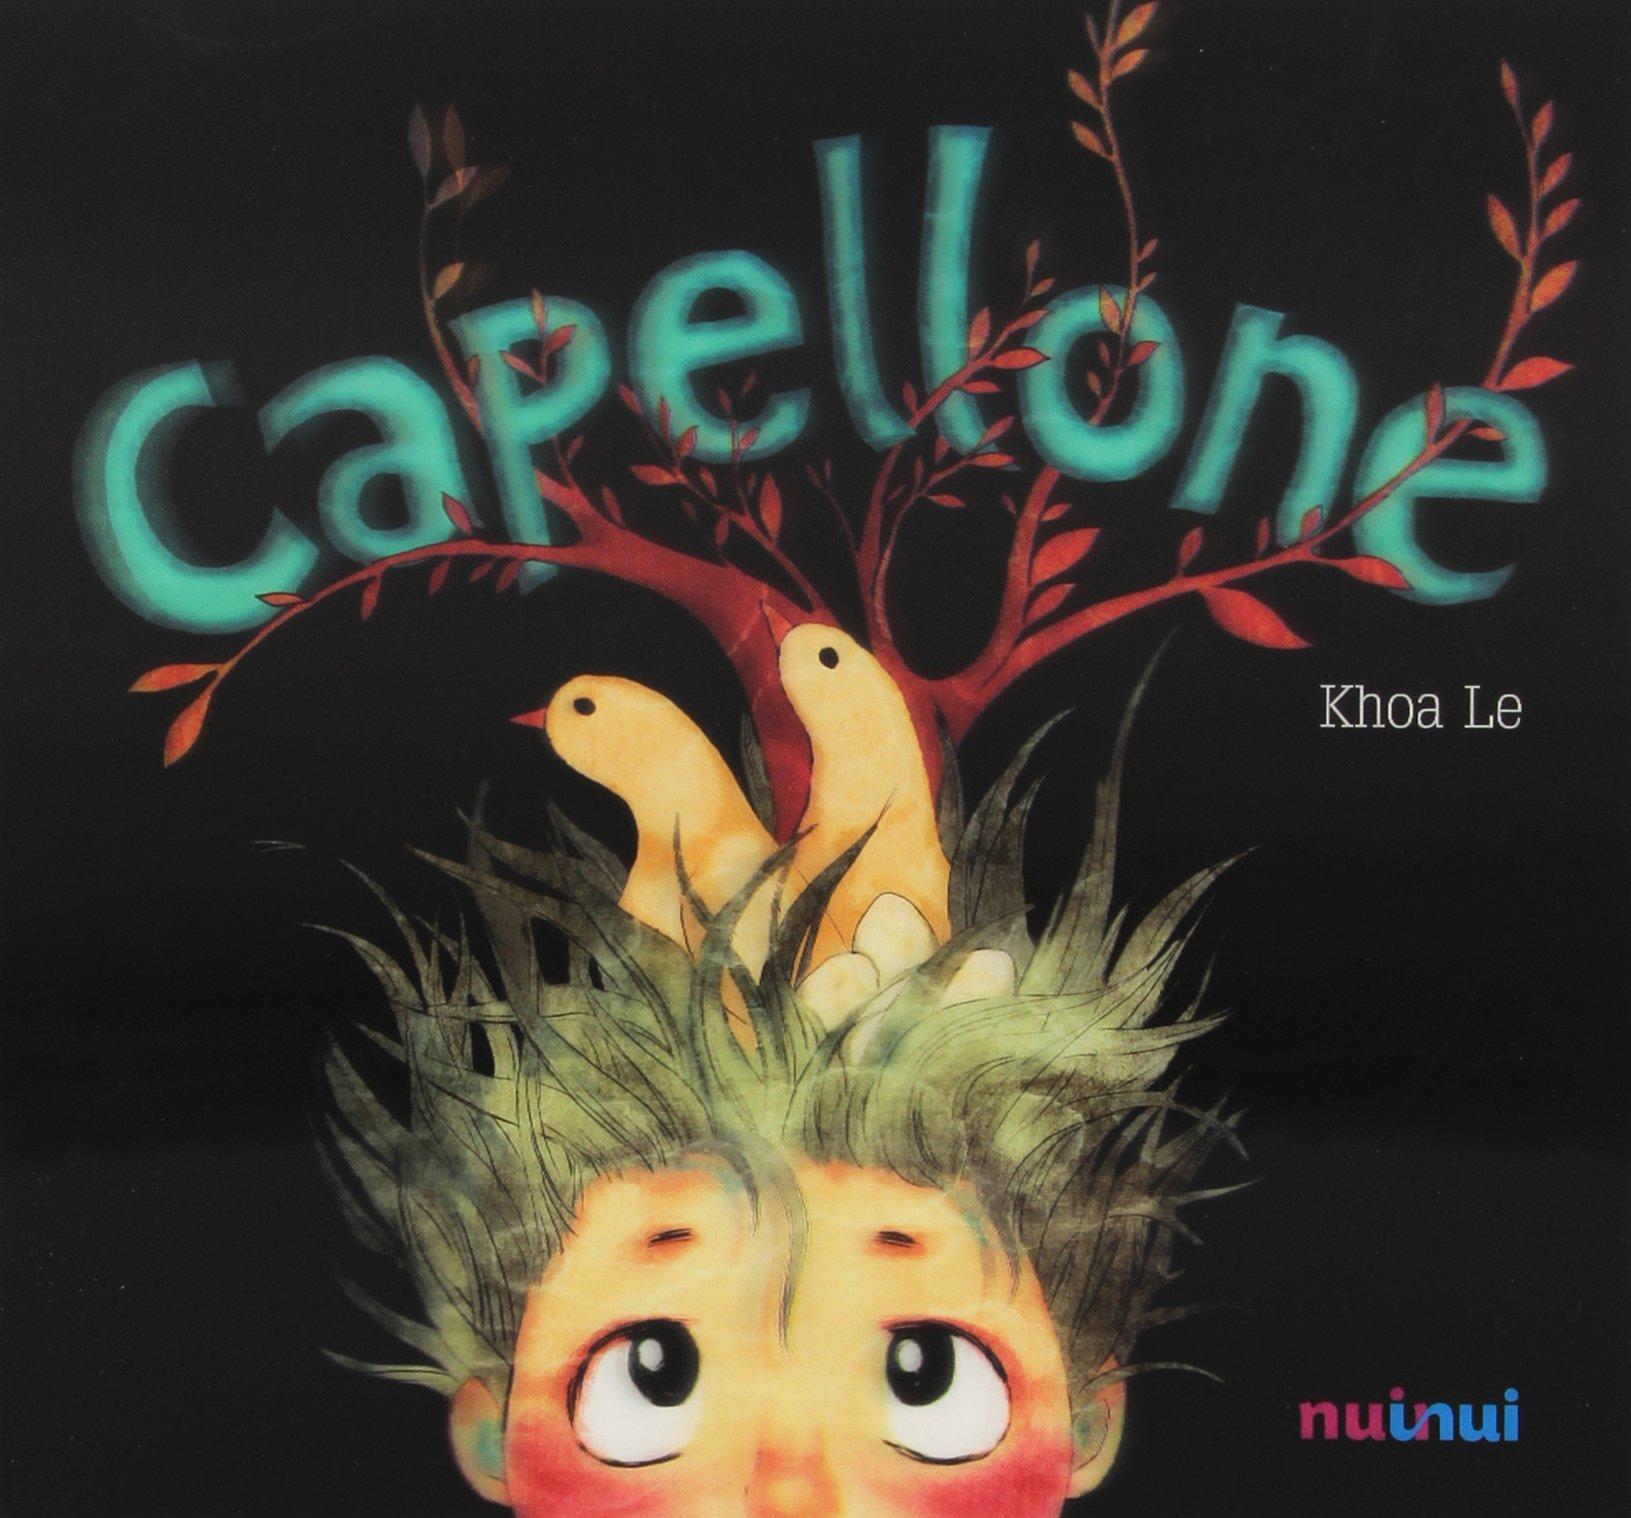 Capellone